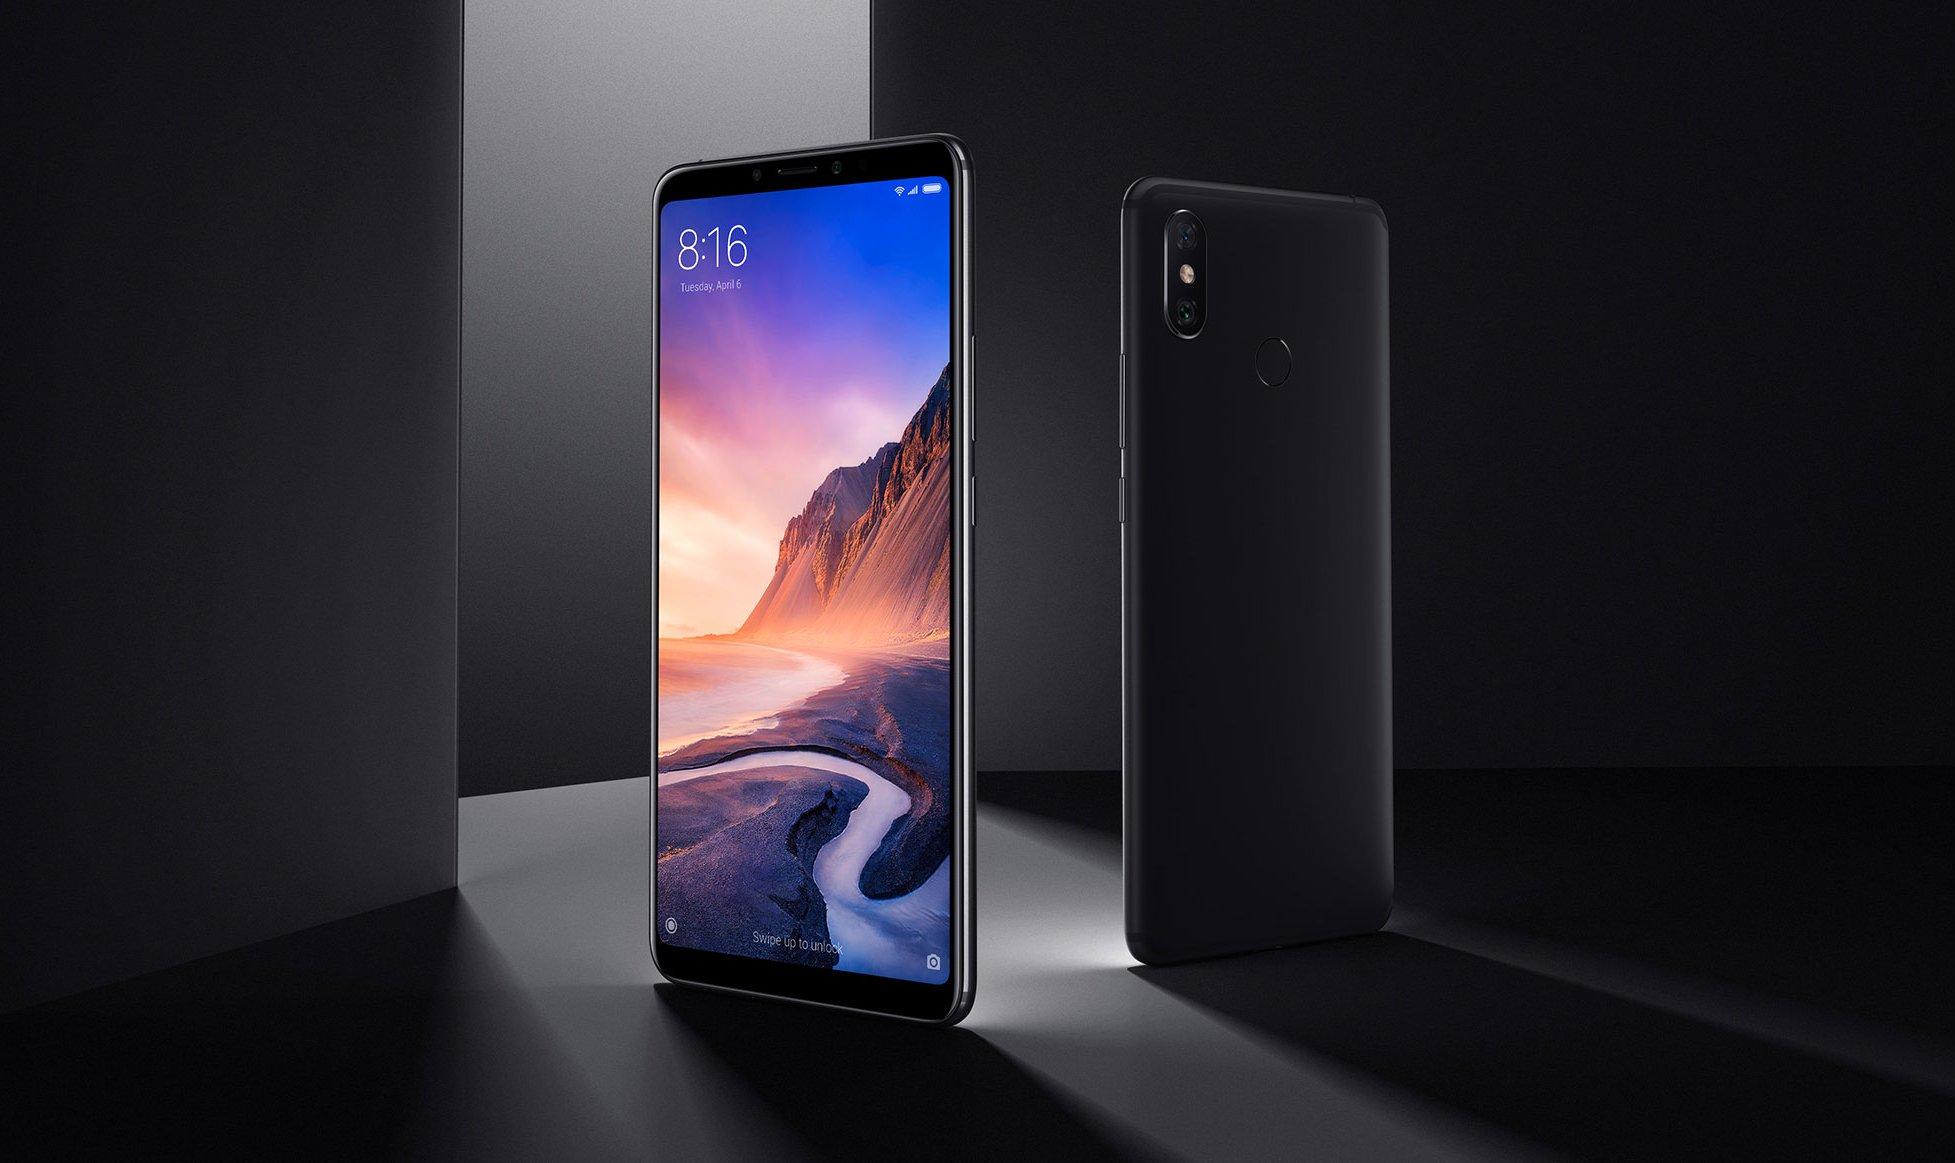 Xiaomi Mi Max 3 started receiving MIUI 12 update in global markets